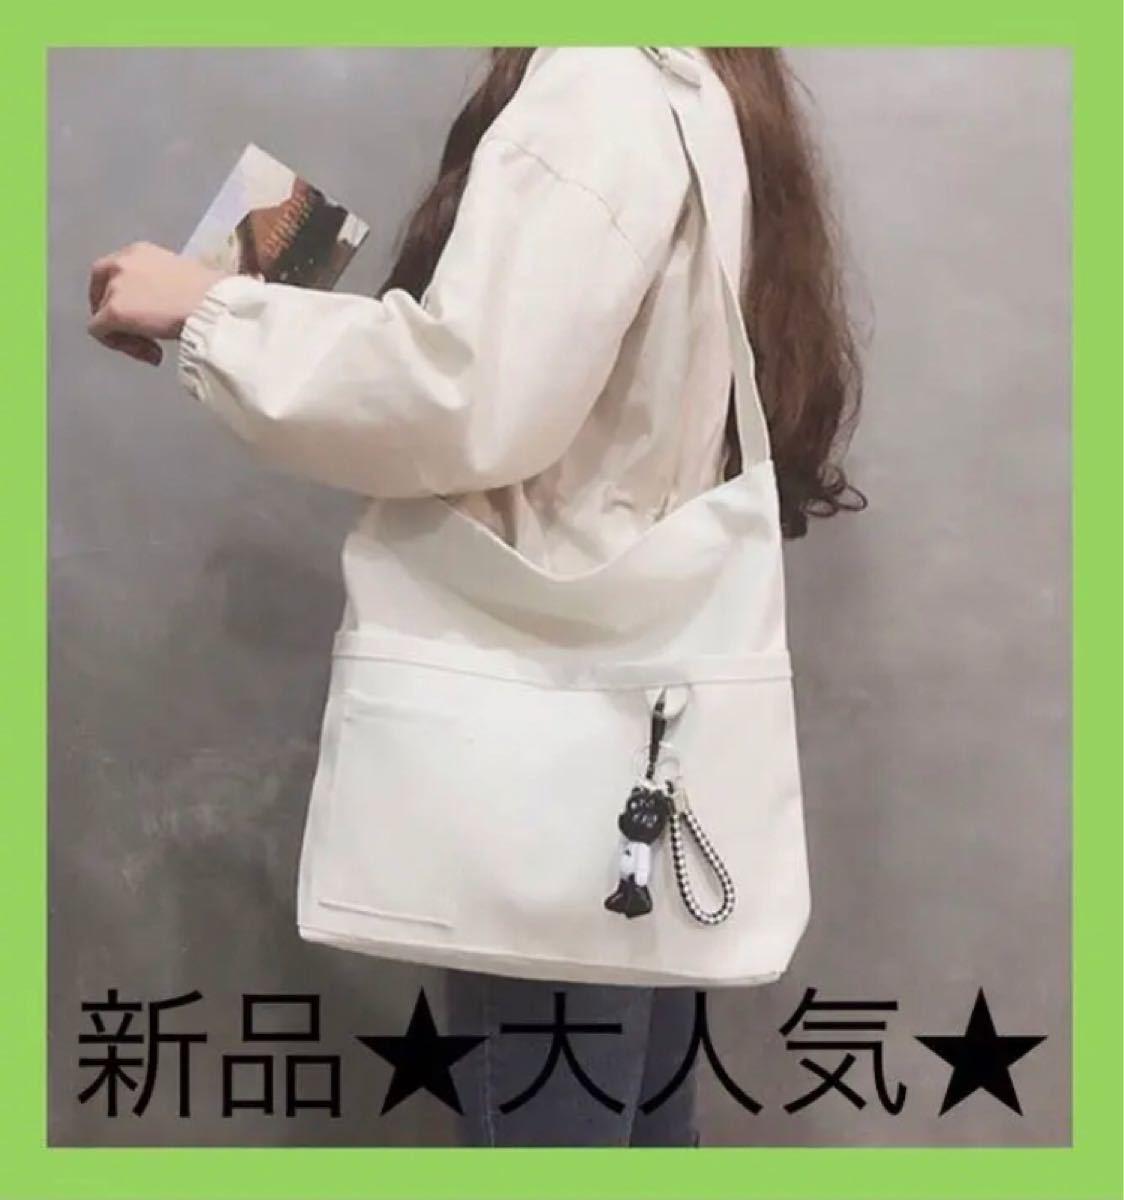 トートバッグ レディースバッグ ショルダーバッグ ホワイト メンズバッグ バッグ キャンバスバッグ マザーズバッグ ナチュラル